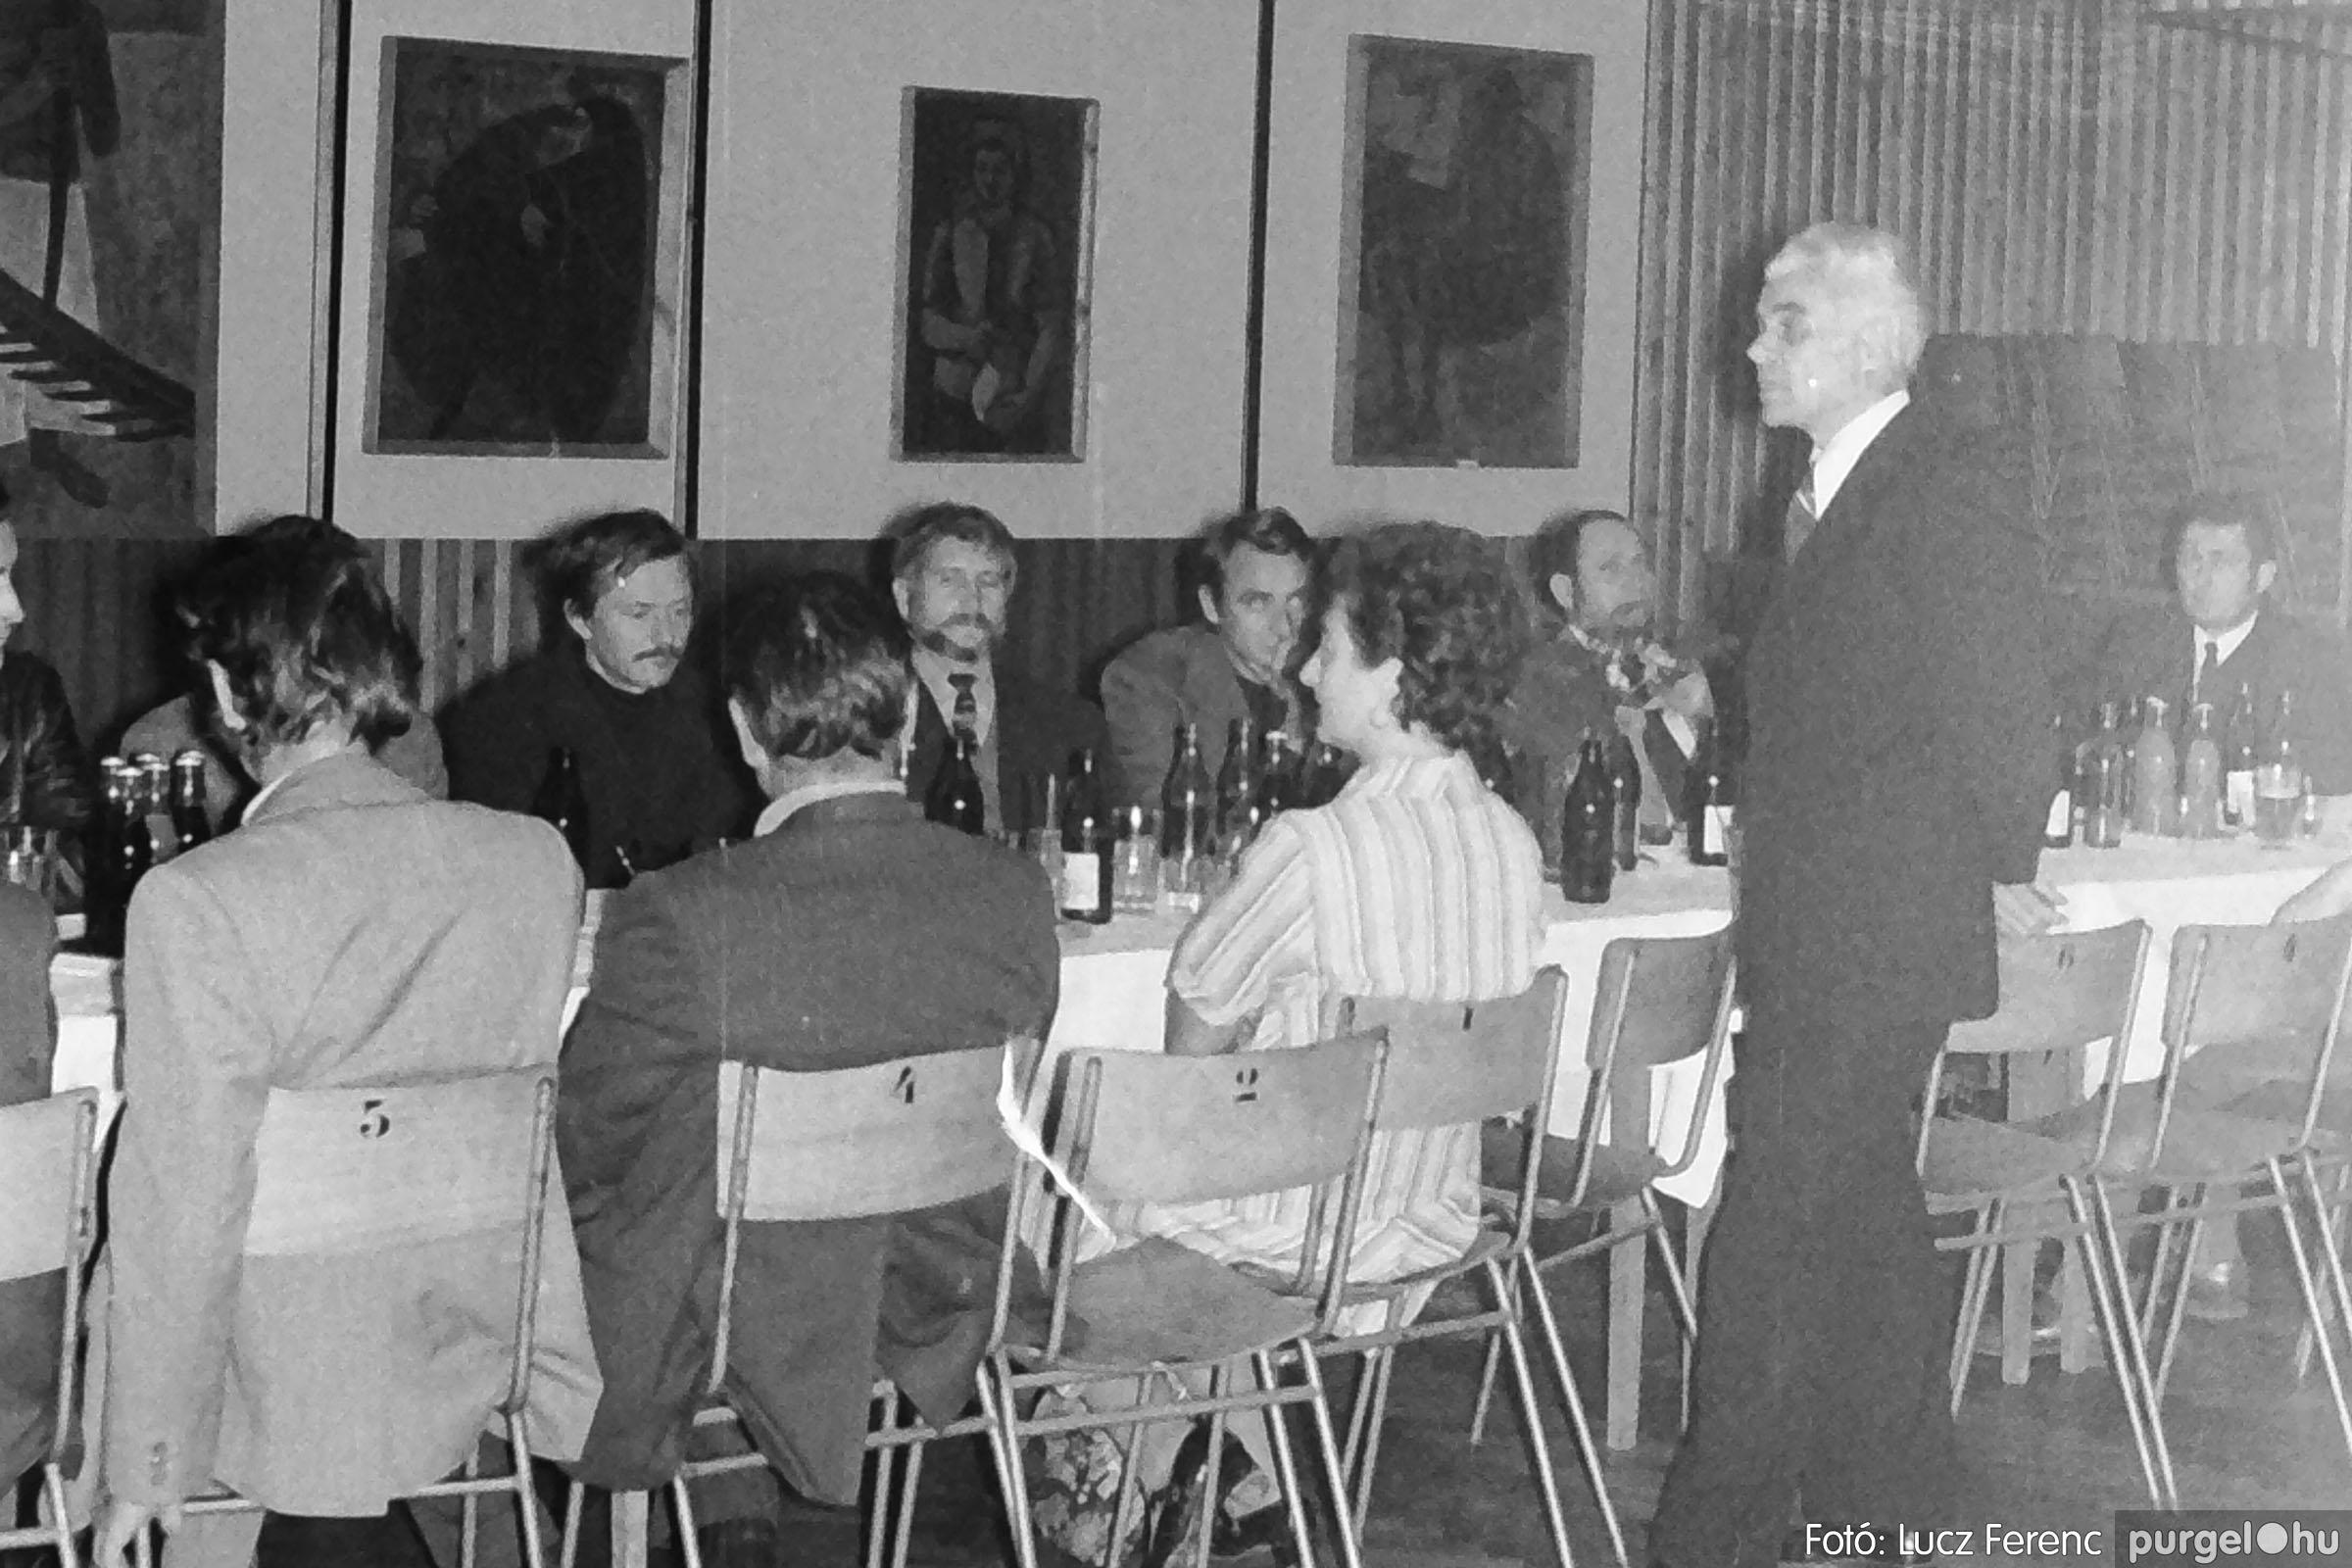 024 1975.10. Németh József és Szalay Ferenc festőművészek kiállítása 004 - Fotó: Lucz Ferenc IMG00202q.jpg